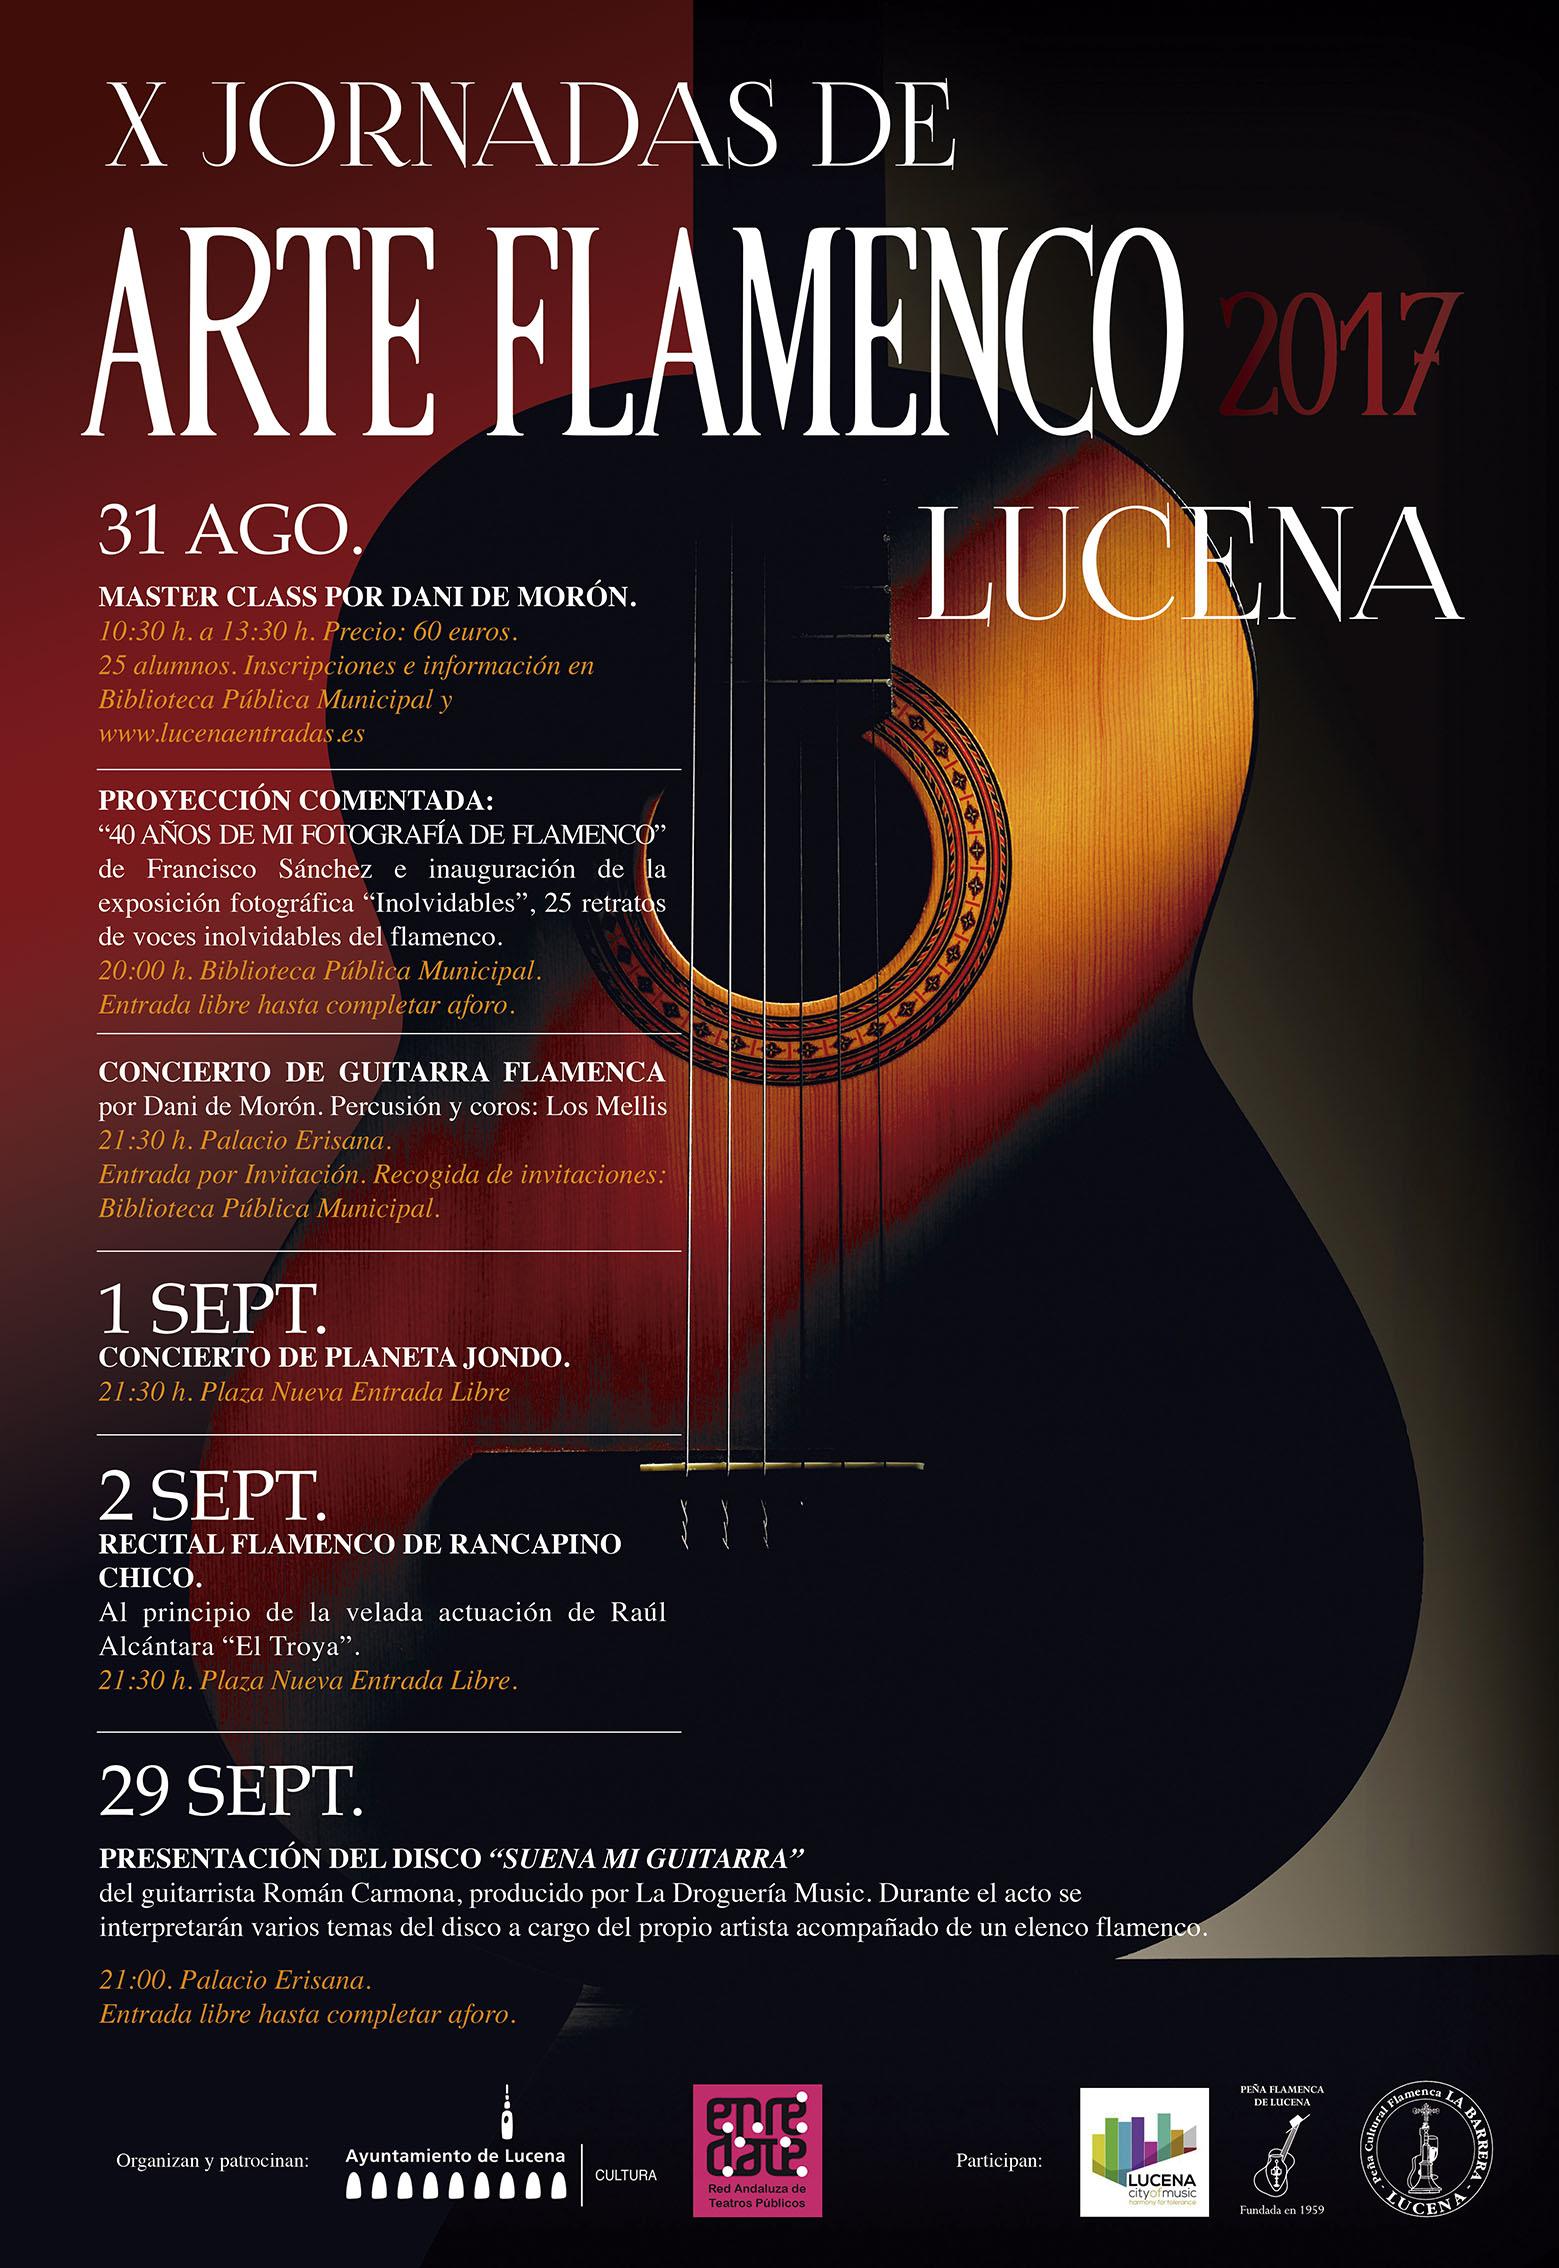 X Jornadas de Arte Flamenco: 40 años de Fotografía @ Biblioteca Pública Municipal